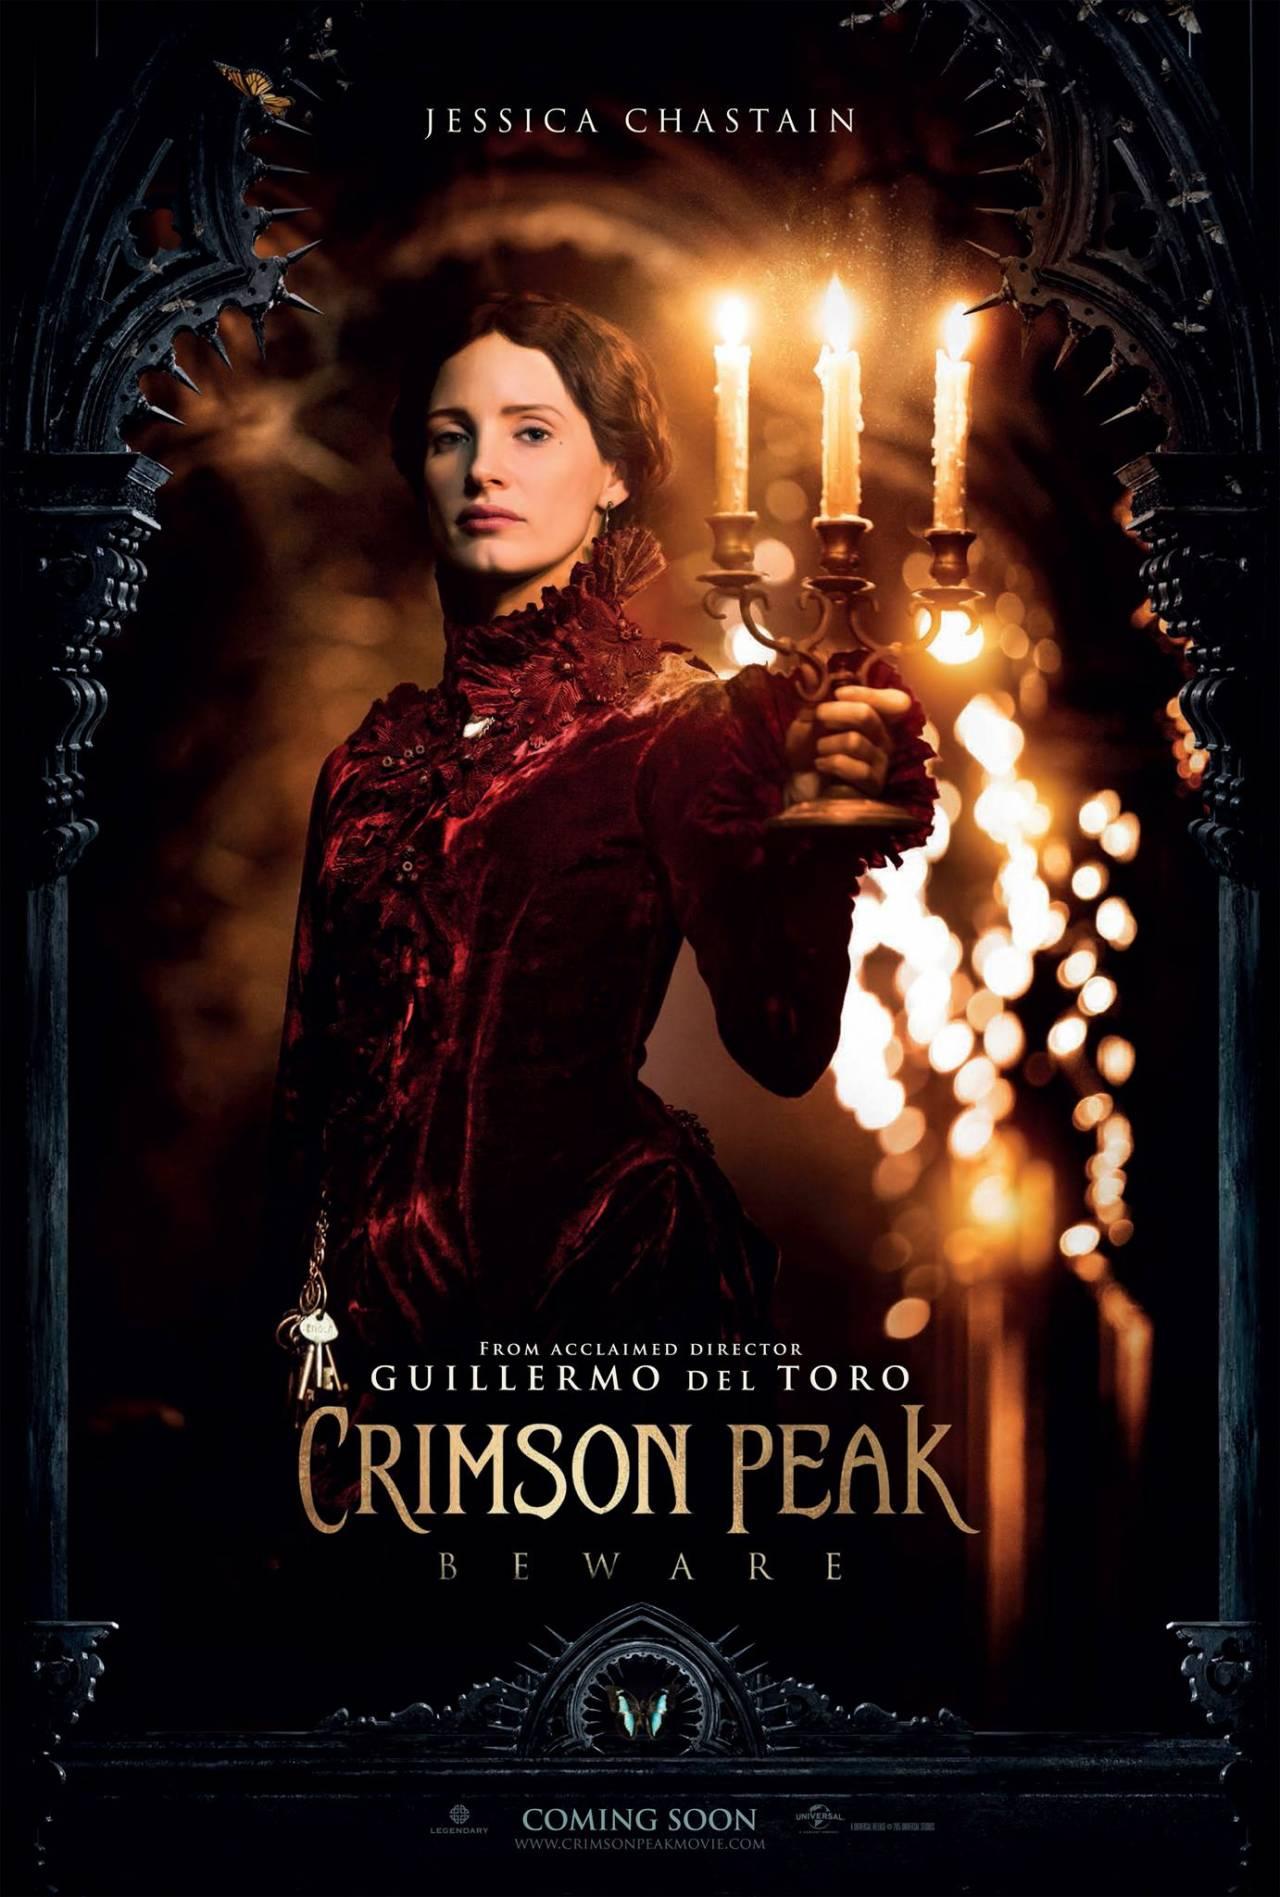 crimson-peak-jessica-chastain